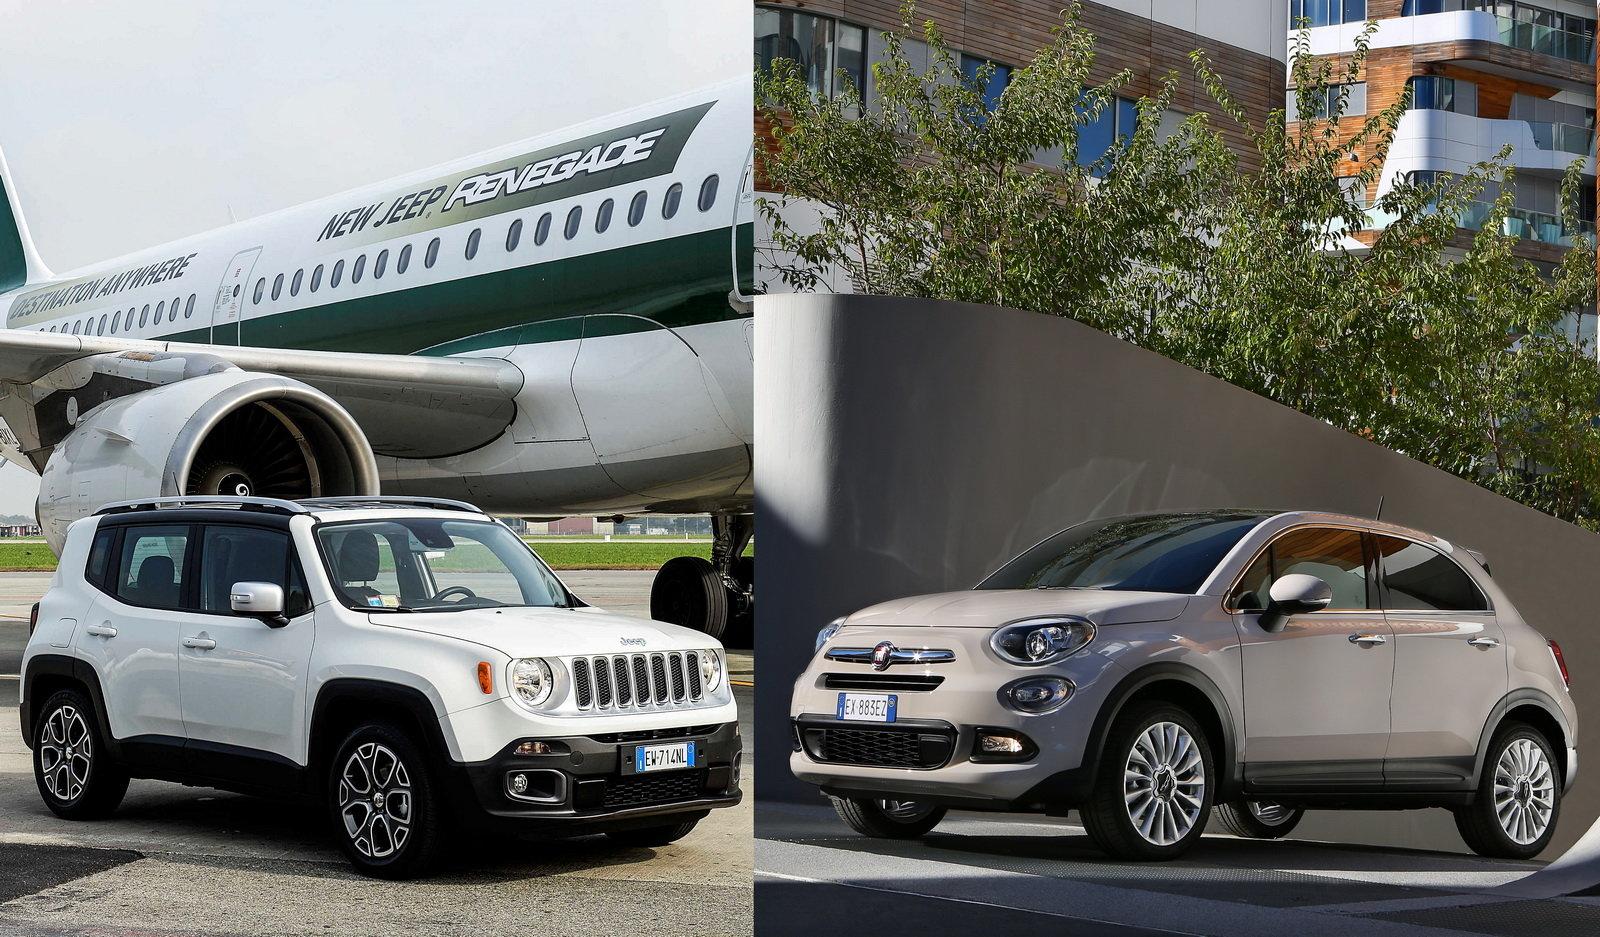 Fiat 500X e Jeep Renegade: quale preferisci? Fiat Punto Quadro Impazzito on